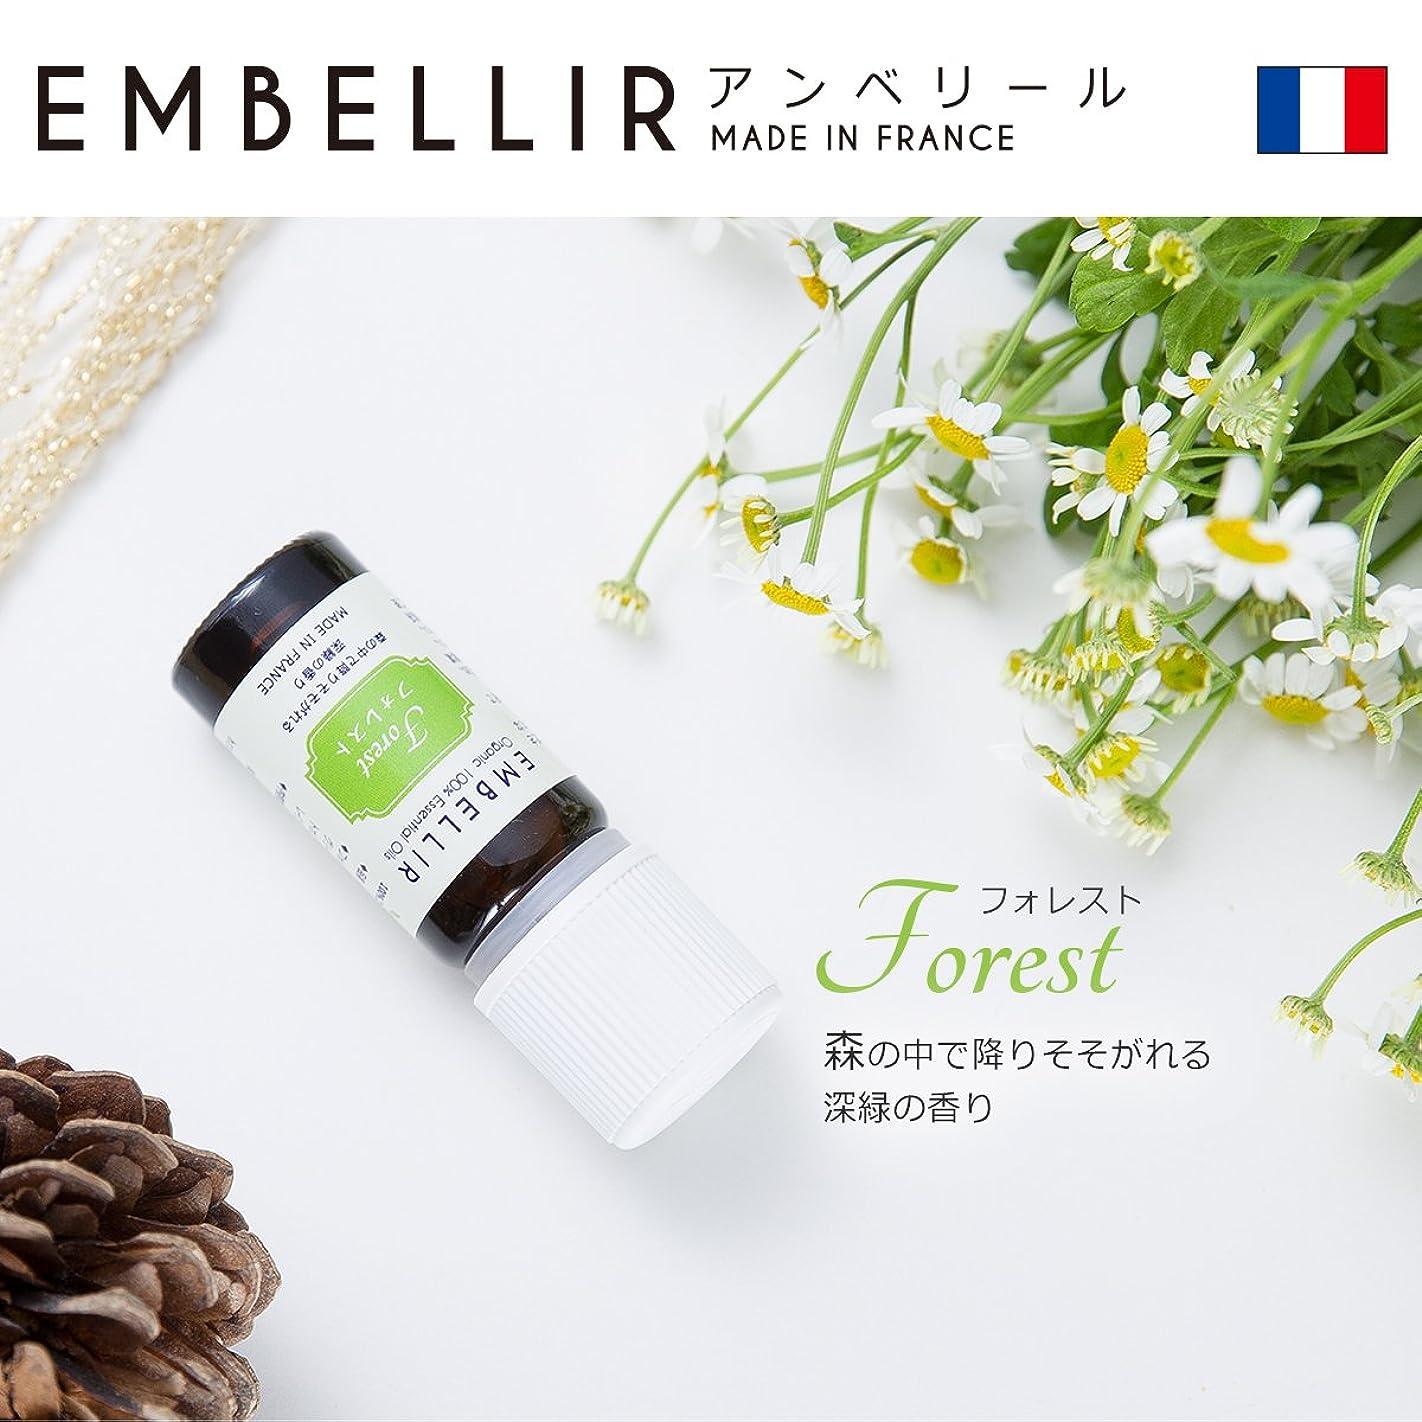 シルクリテラシージョセフバンクスWY エッセンシャルオイル フランス産 オーガニック100% アロマオイル 全4種類 WY-AROMA (フォレスト)